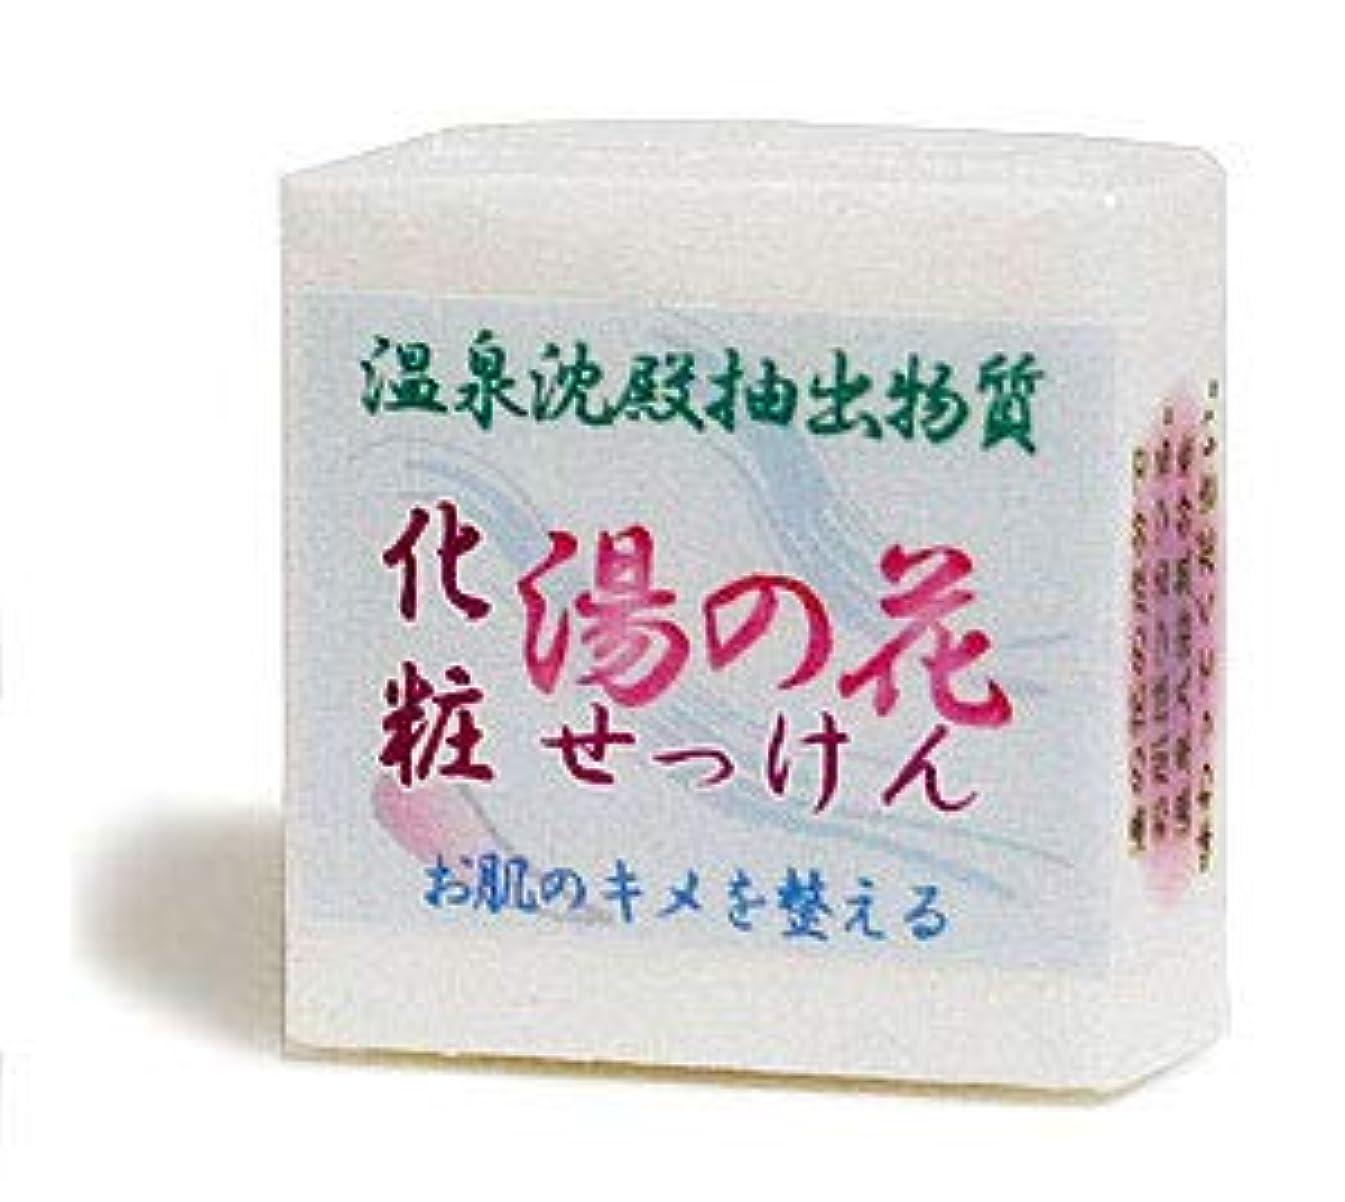 湯の花化粧石鹸 ハーフサイズ